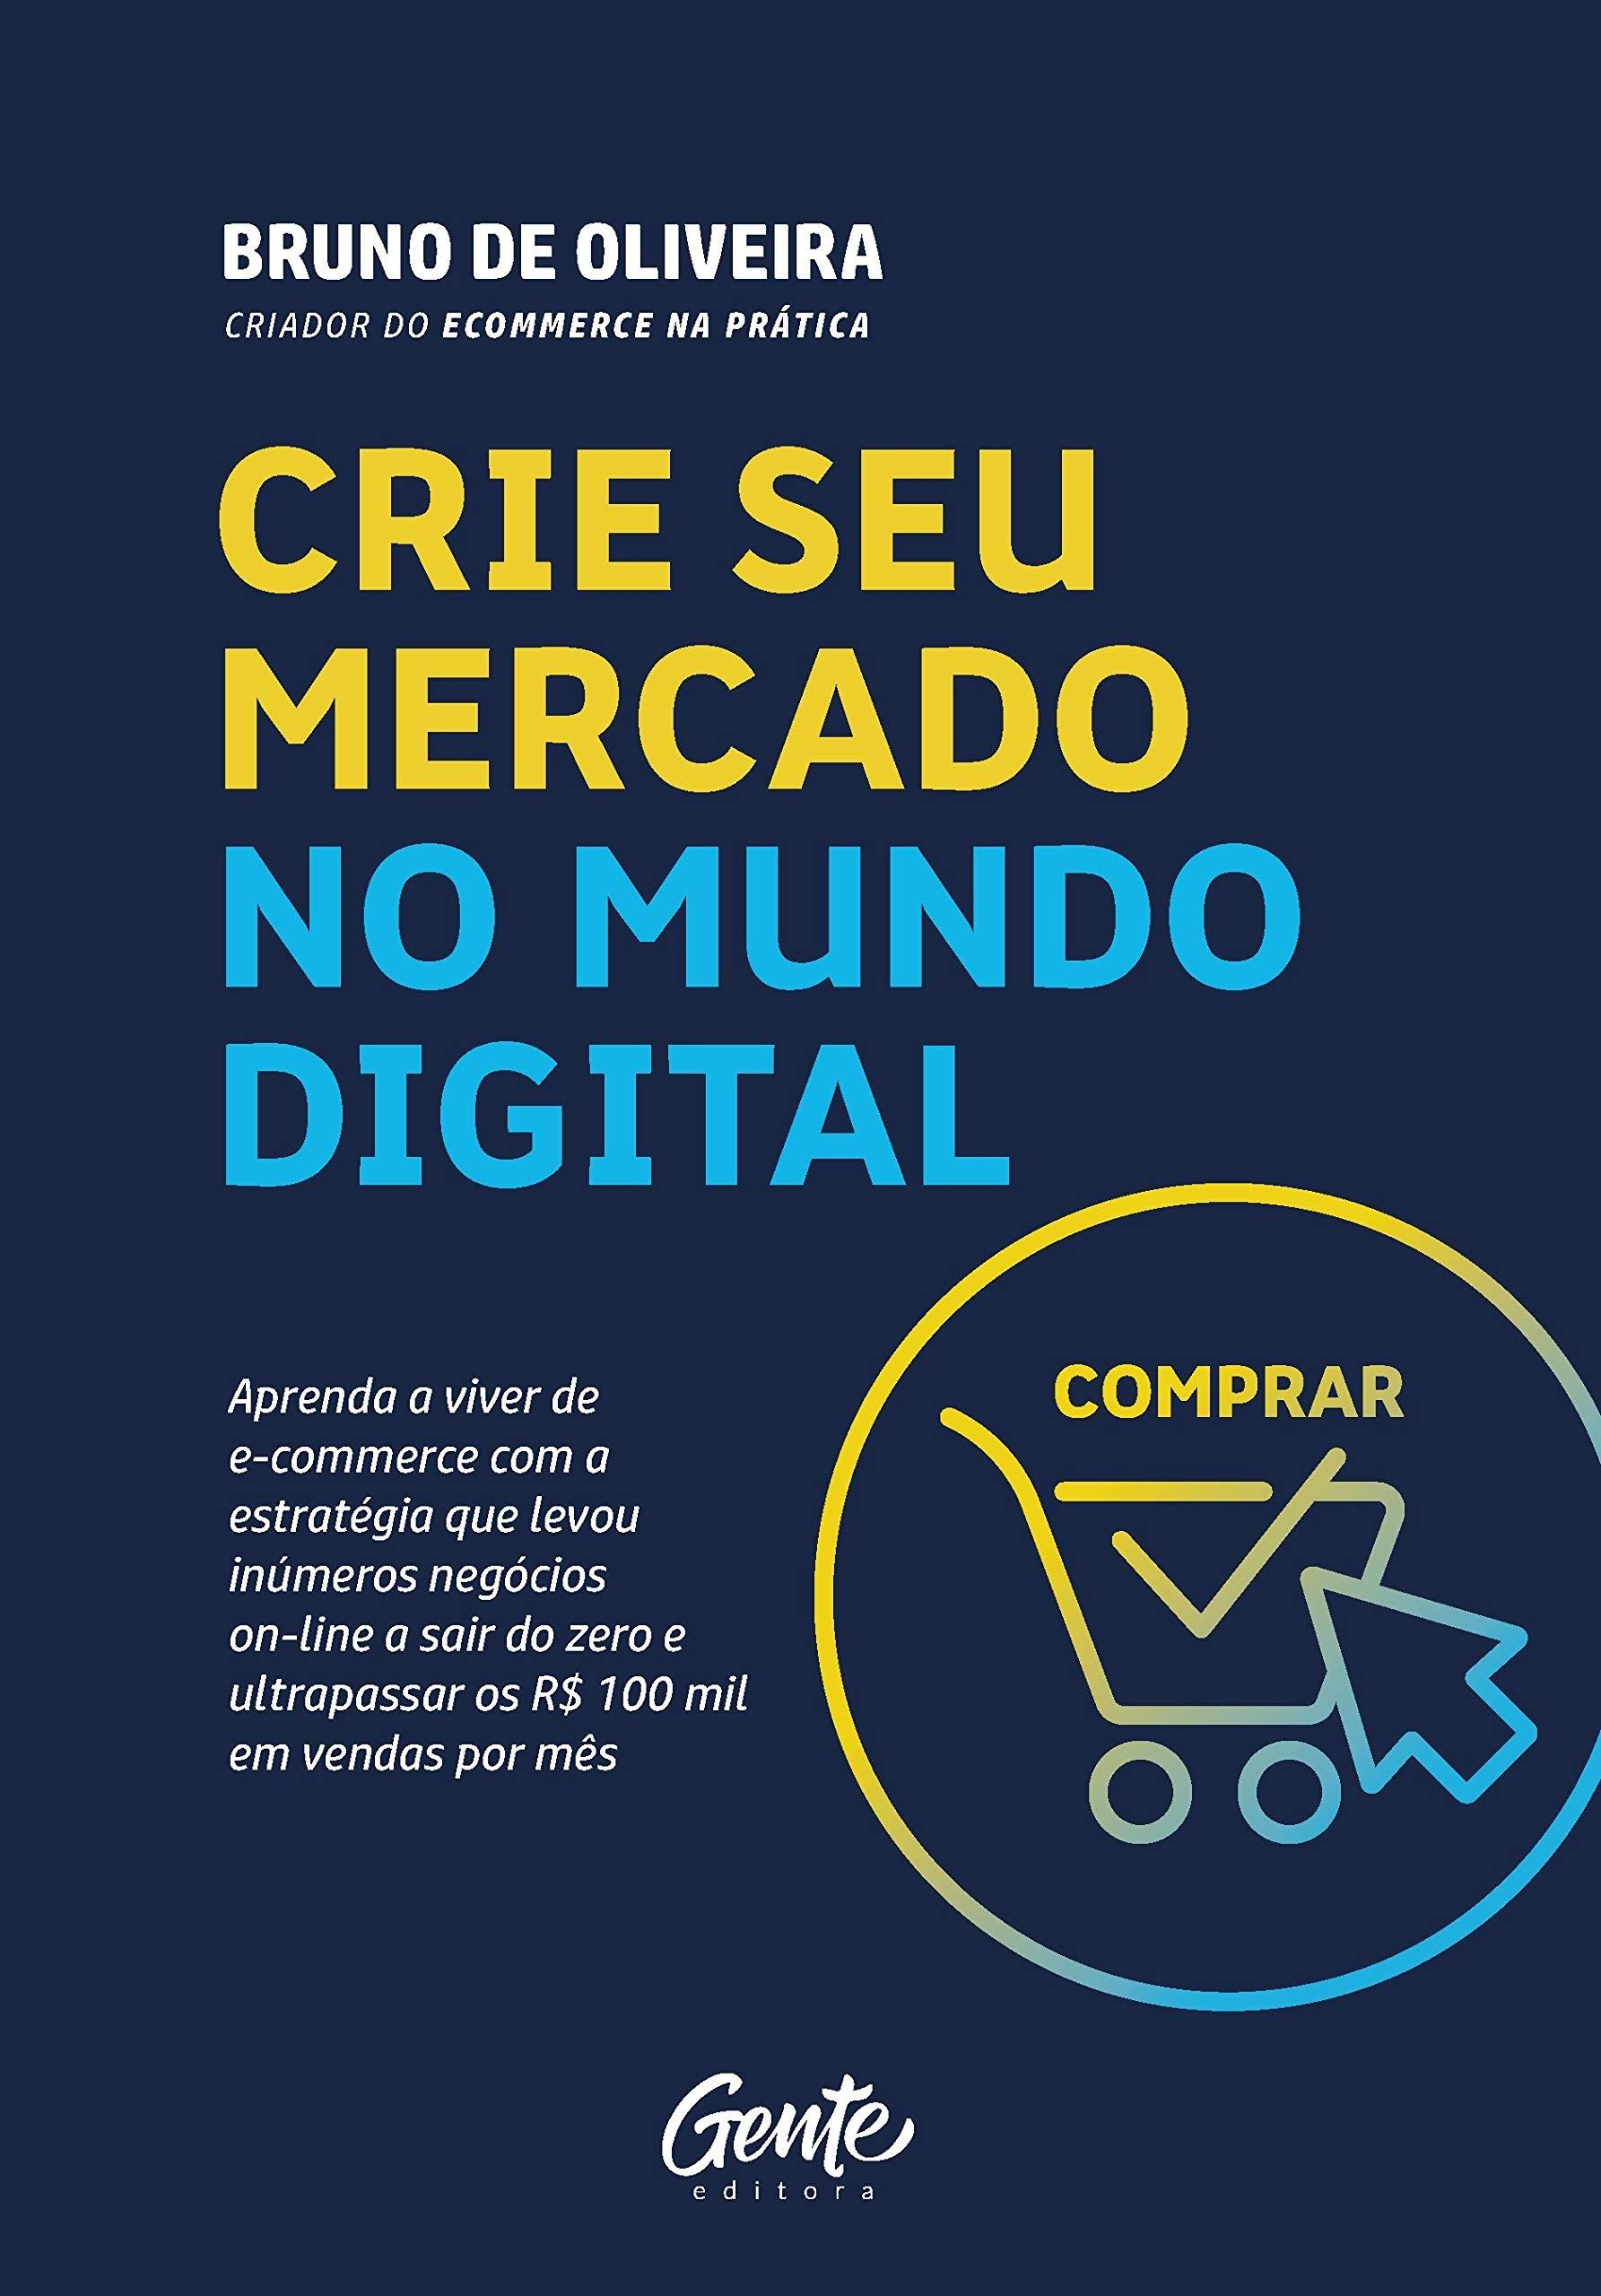 Crie seu Mercado no Mundo Digital, por Bruno de Oliveira (Foto: Divulgação/Amazon)